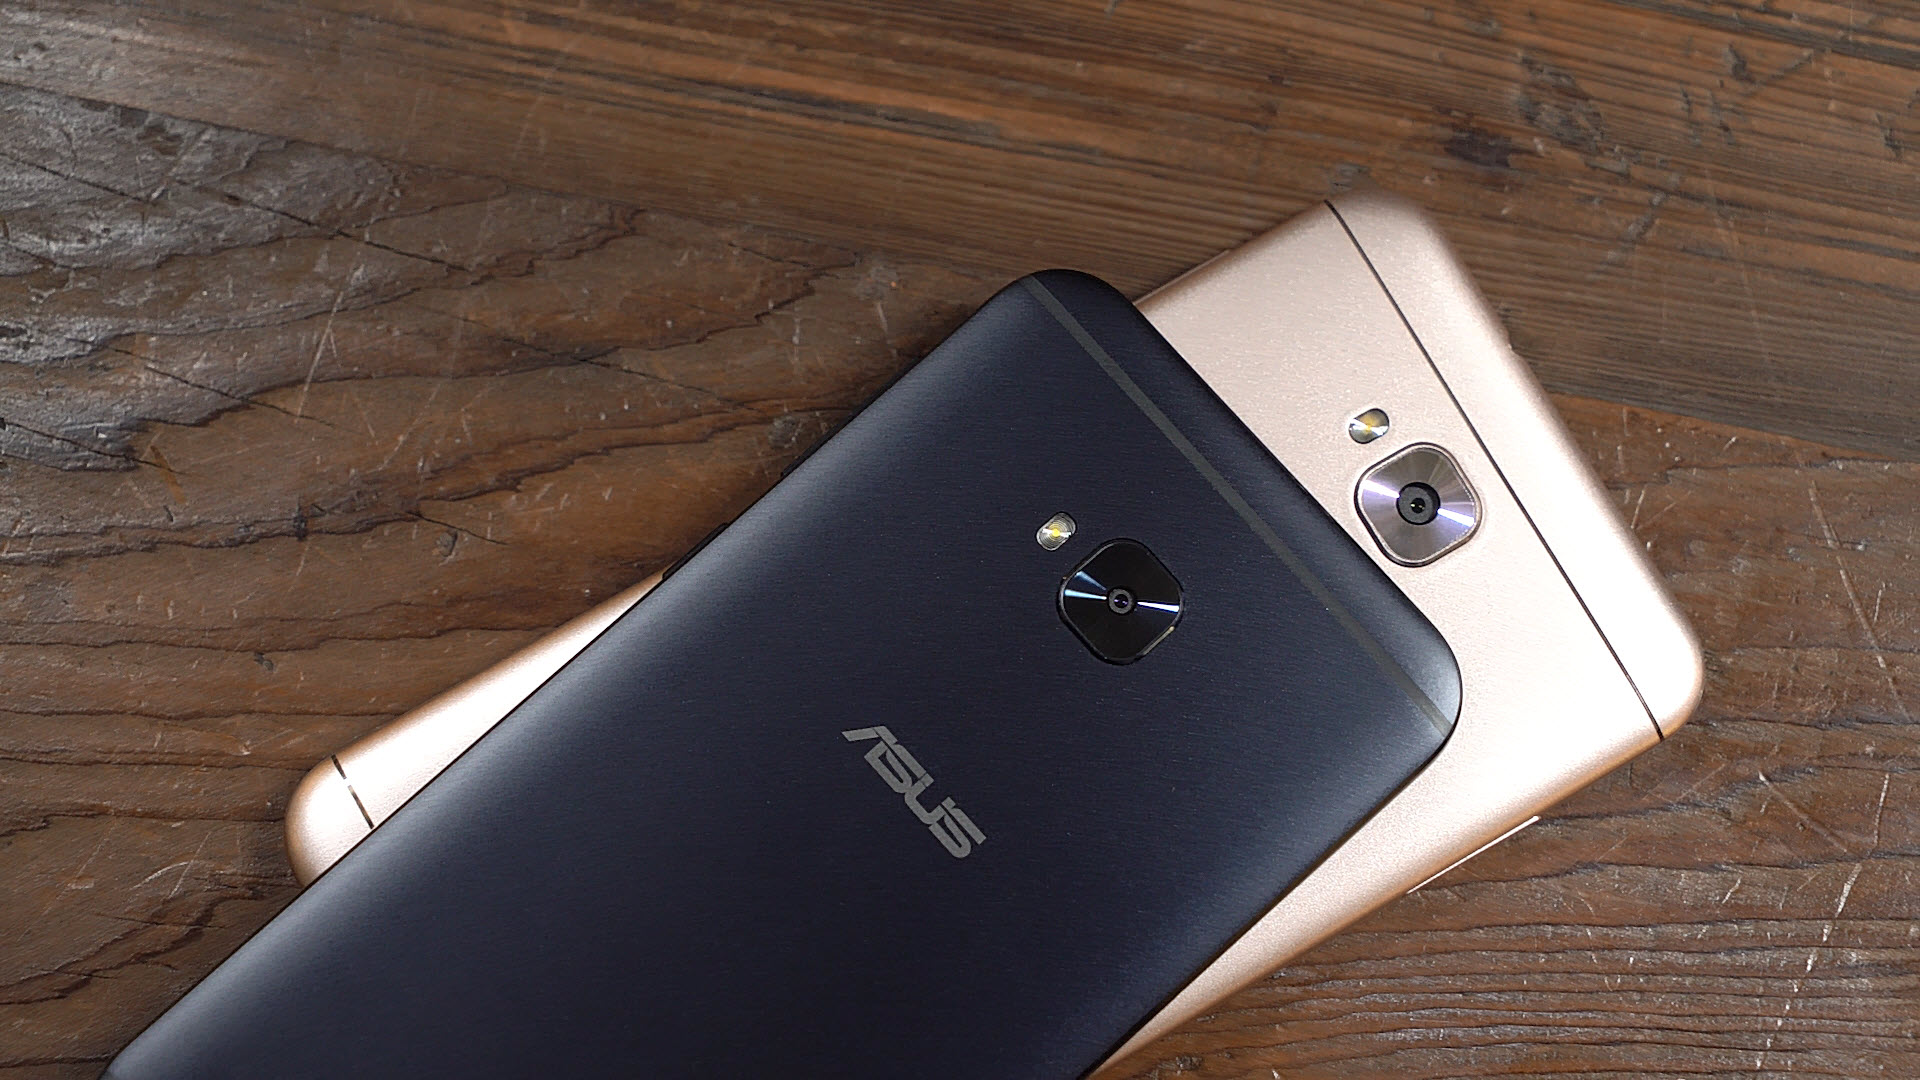 ZenFone 4 Selfie design